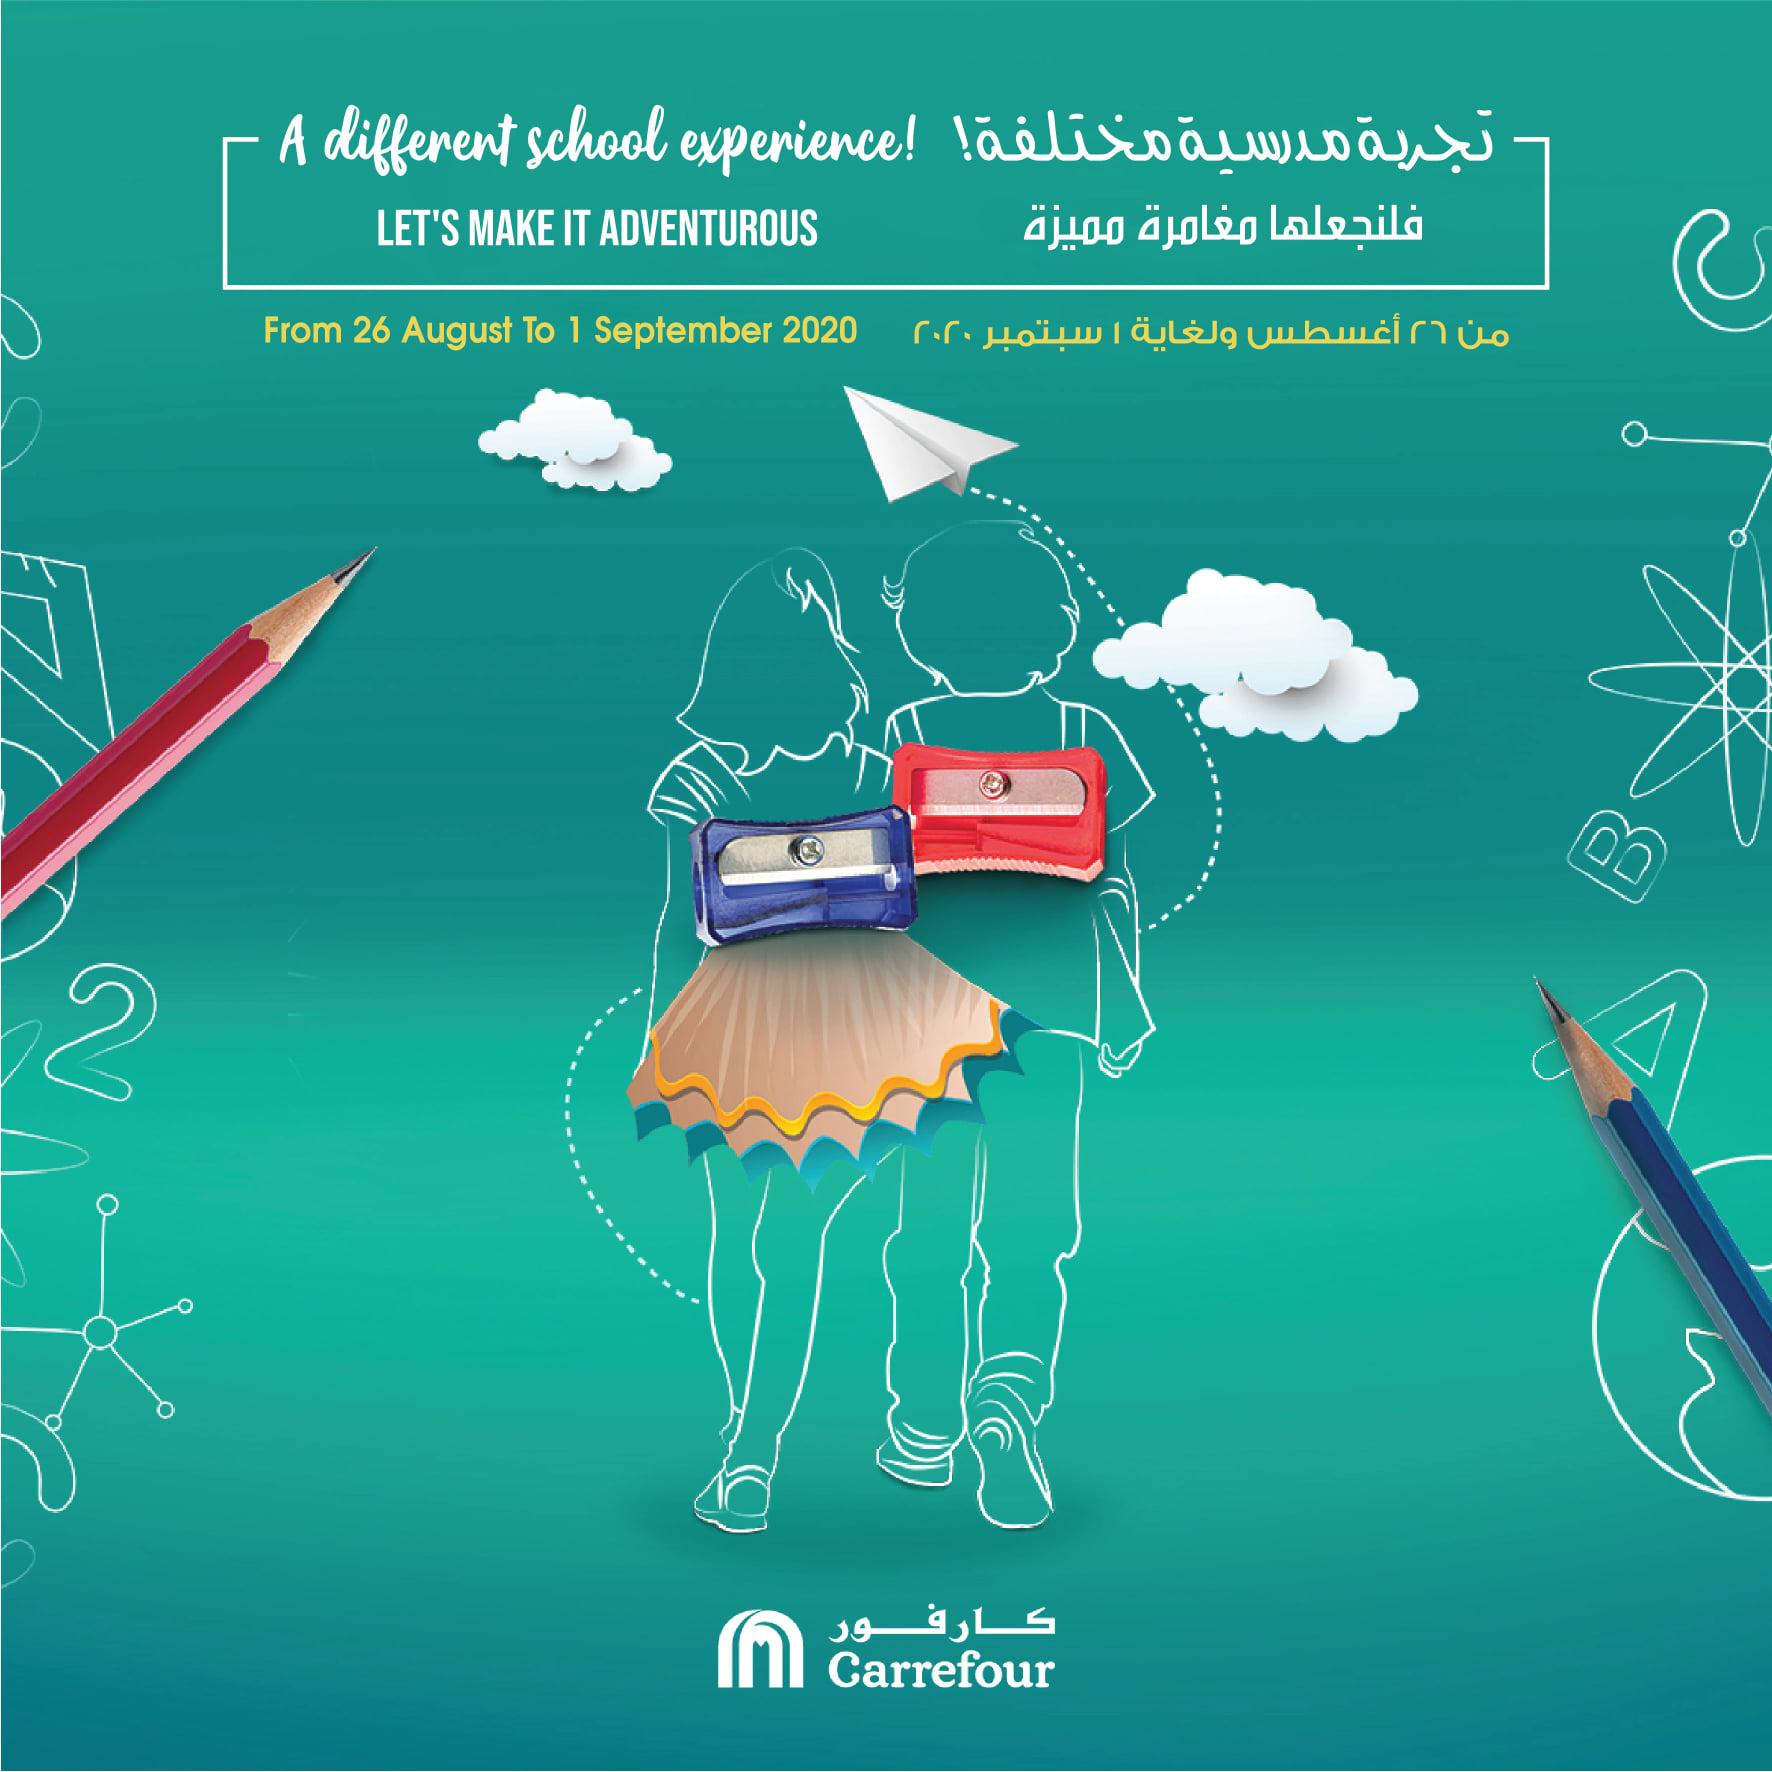 عروض كارفور الكويت اليوم 26 اغسطس حتى 1 سبتمبر 2020 تجربة مختلفة